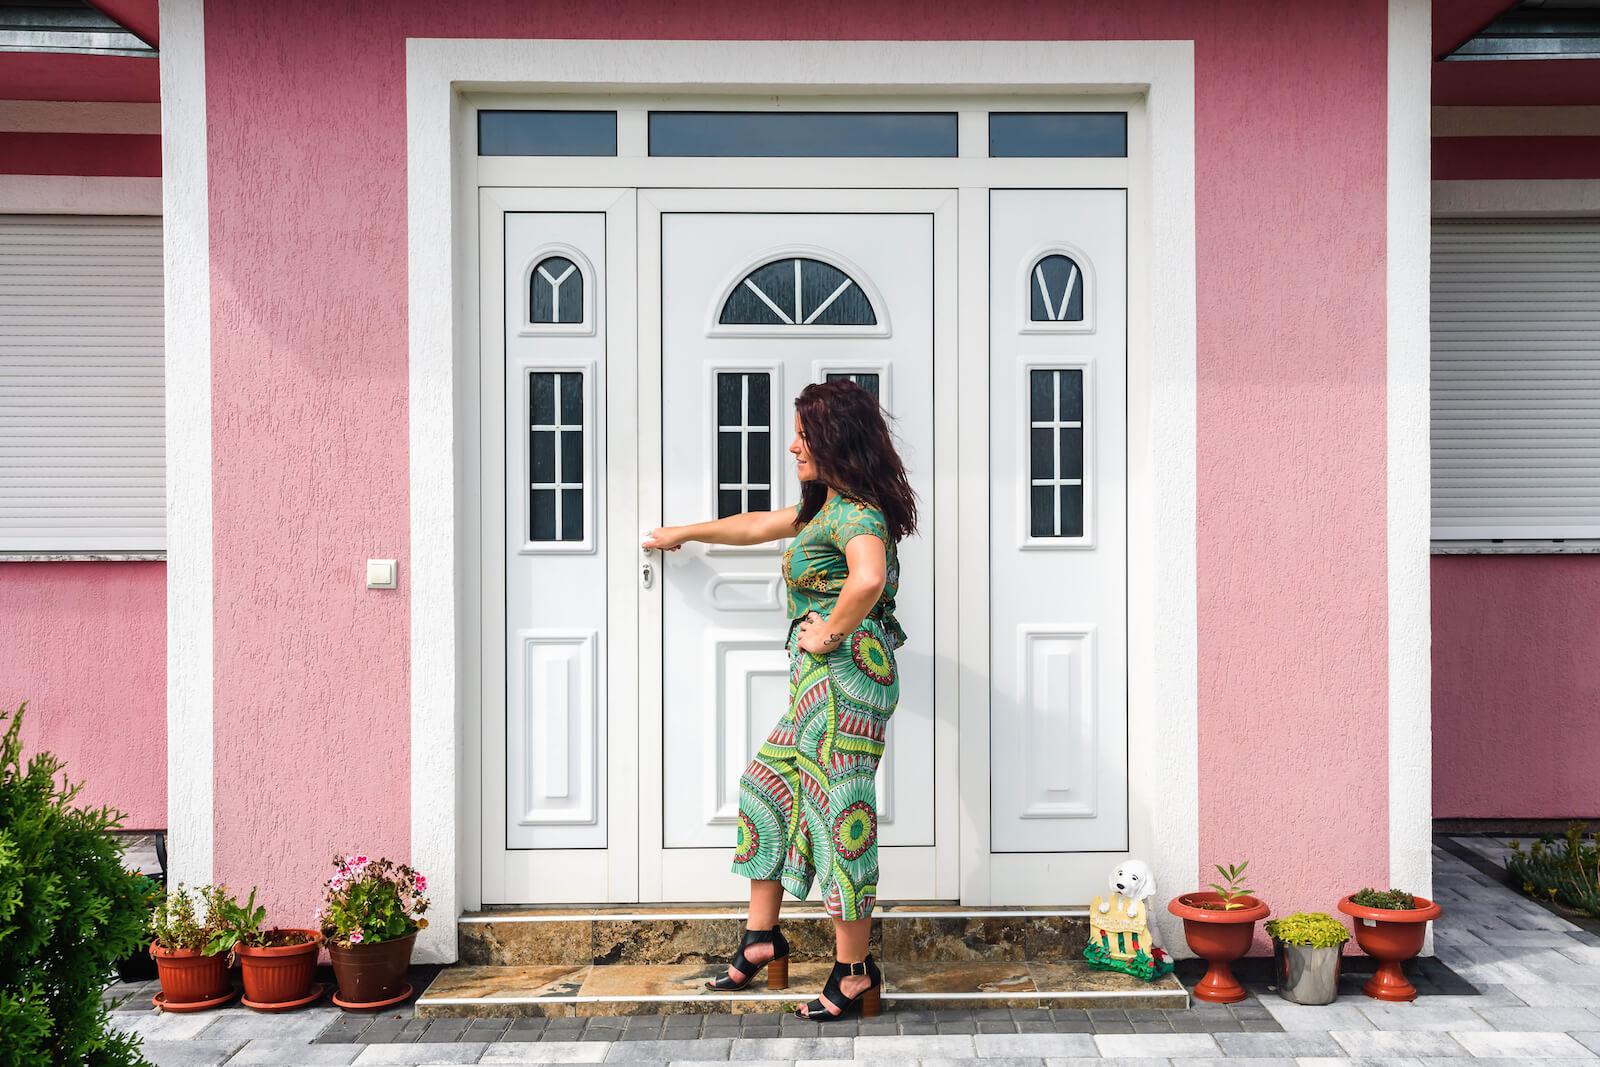 Poznáte nevýhody plastových vchodových dverí?